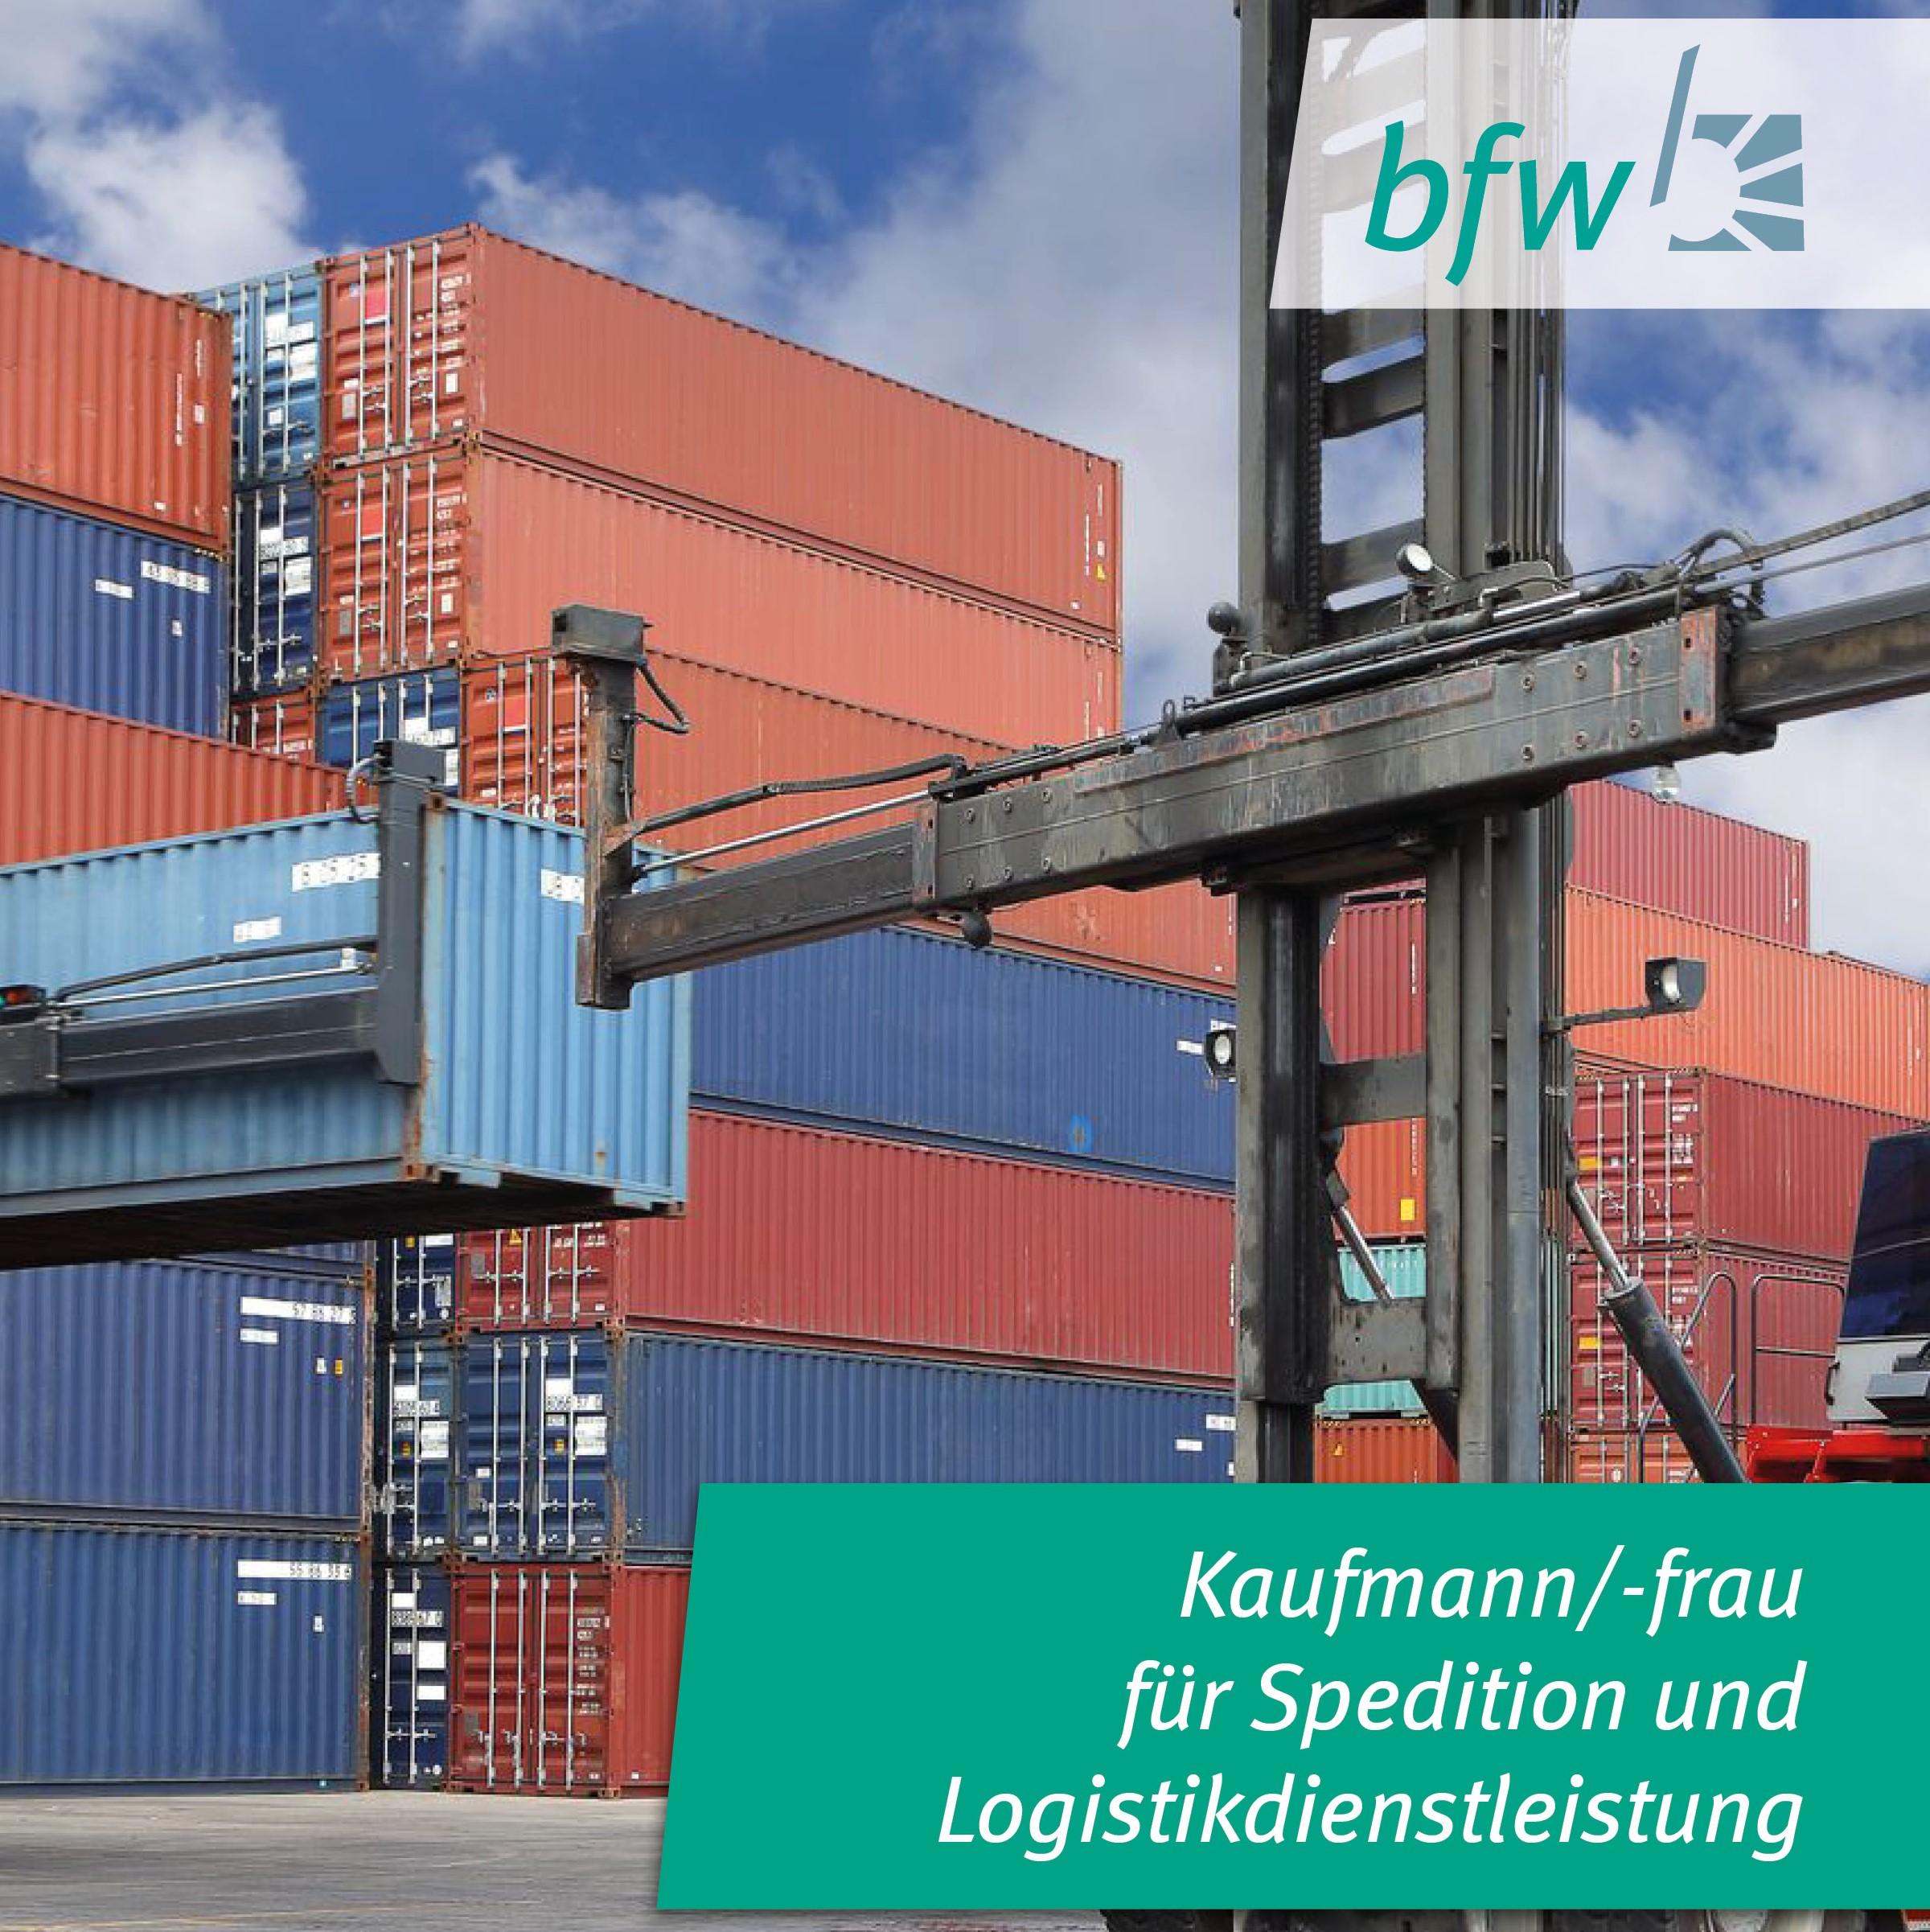 Kaufmann/-frau für Spedition und Logistikdienstleistung Image